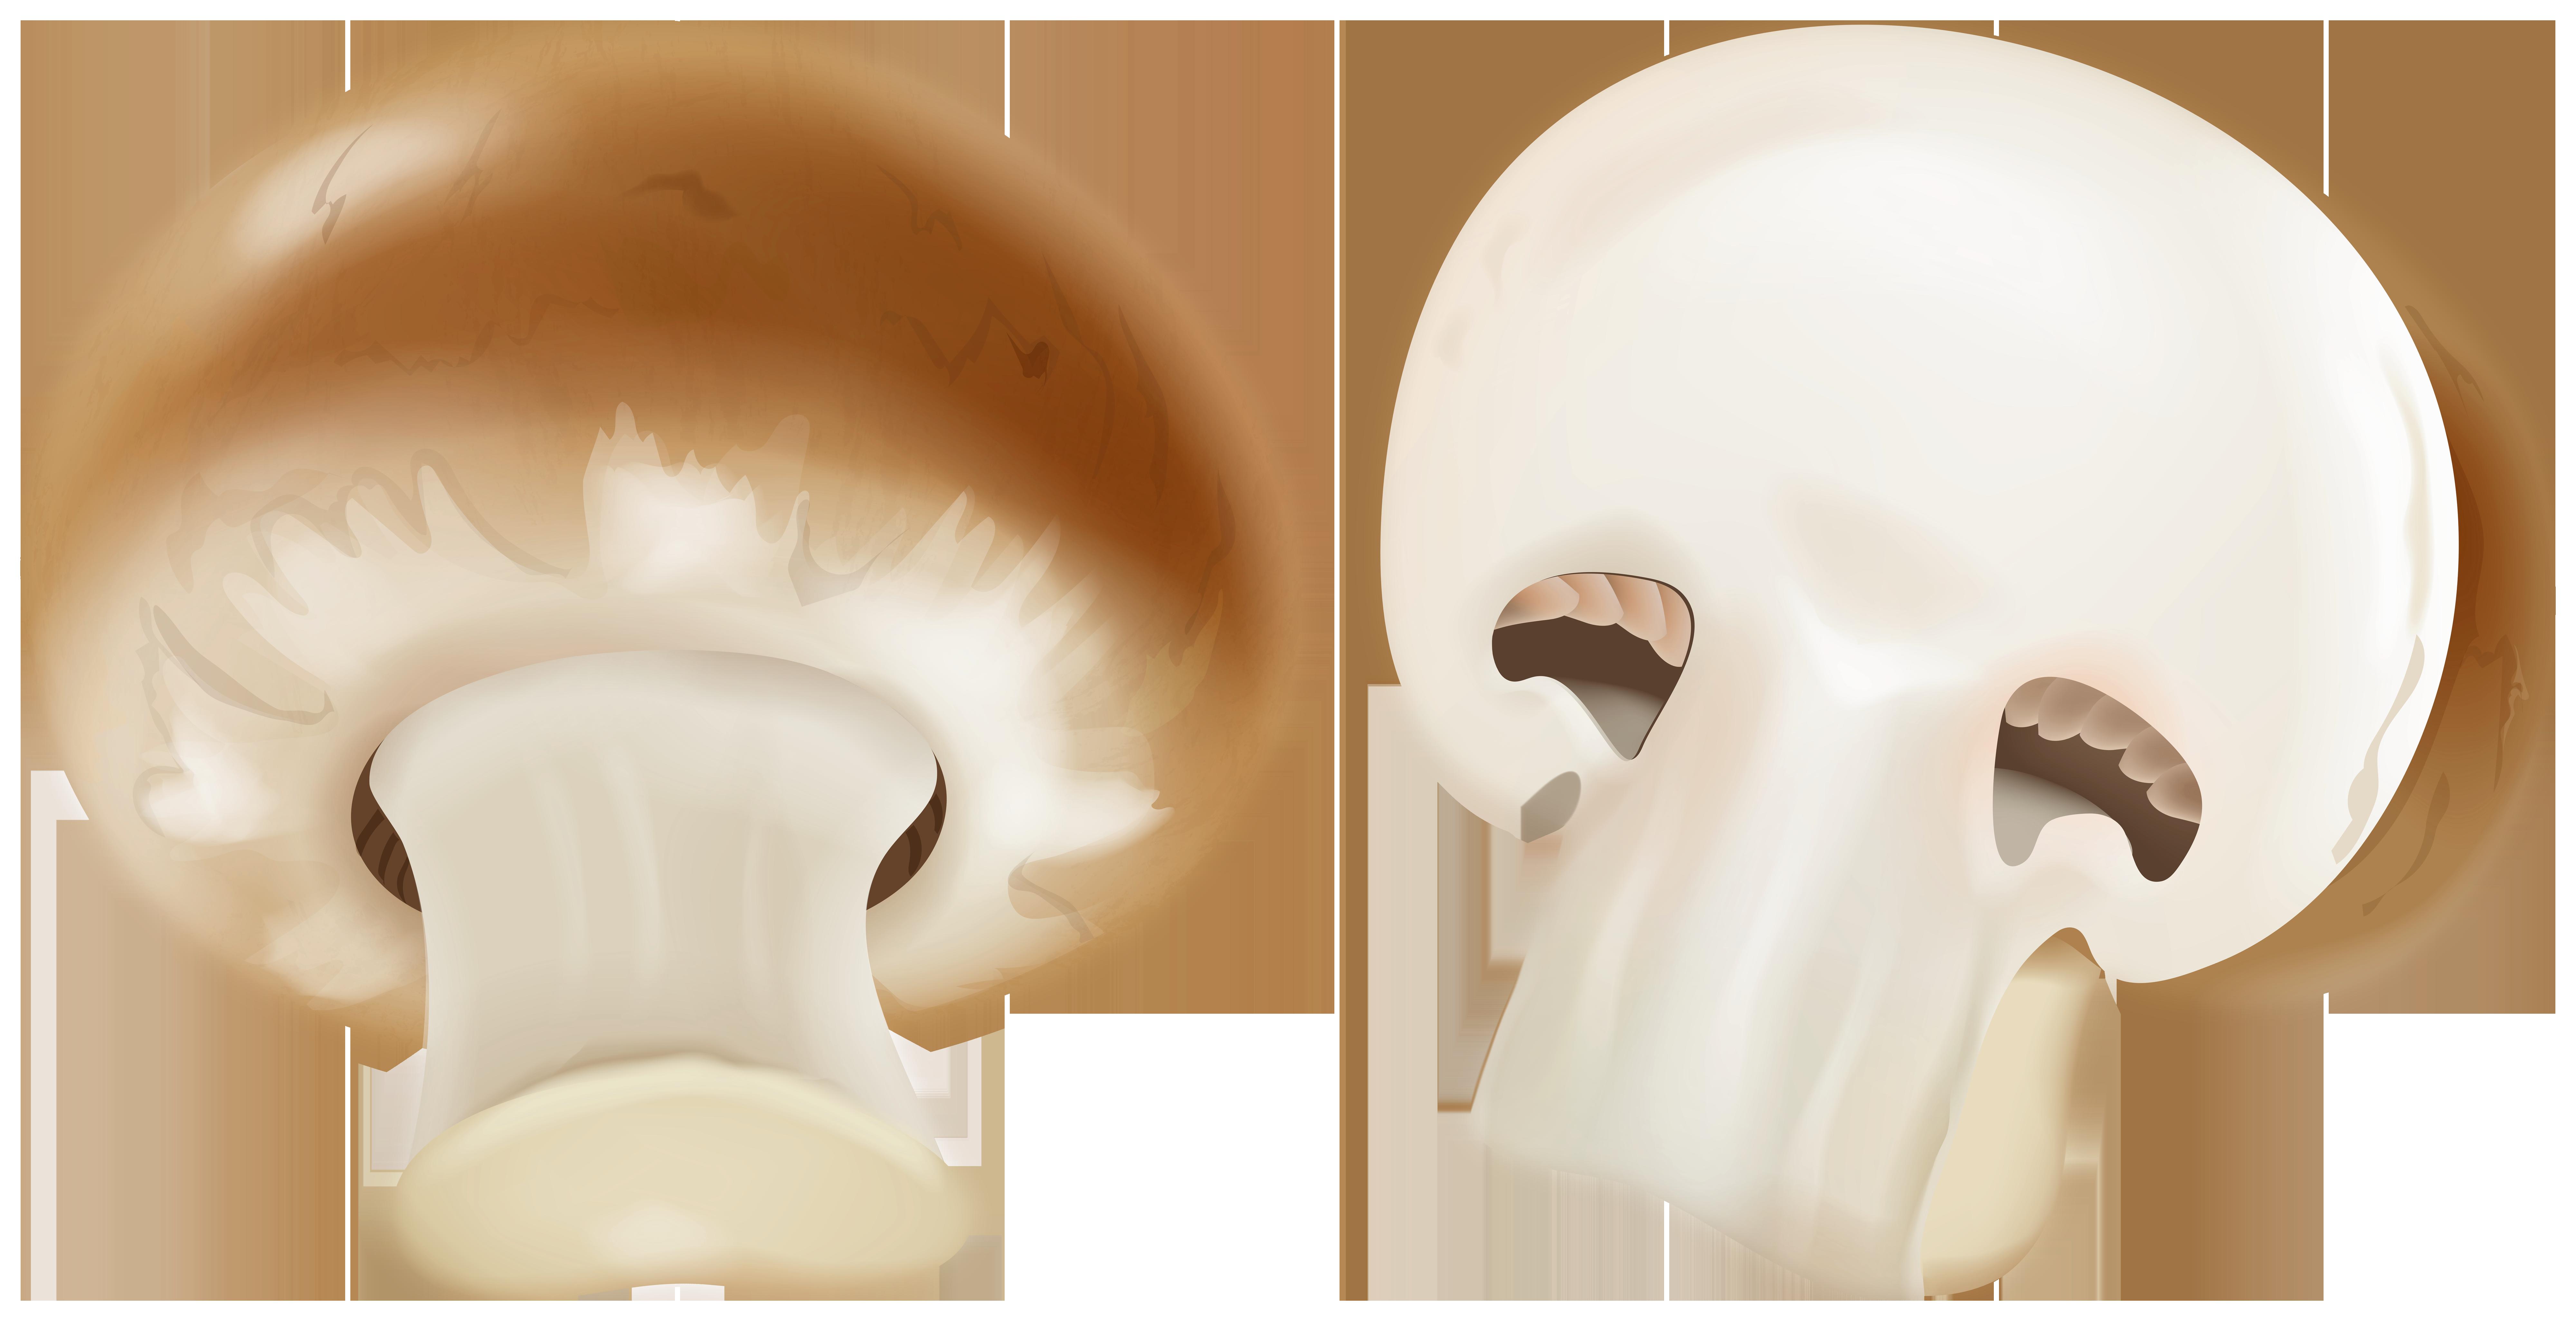 Mushroom clipart brown mushroom. Clip art image gallery